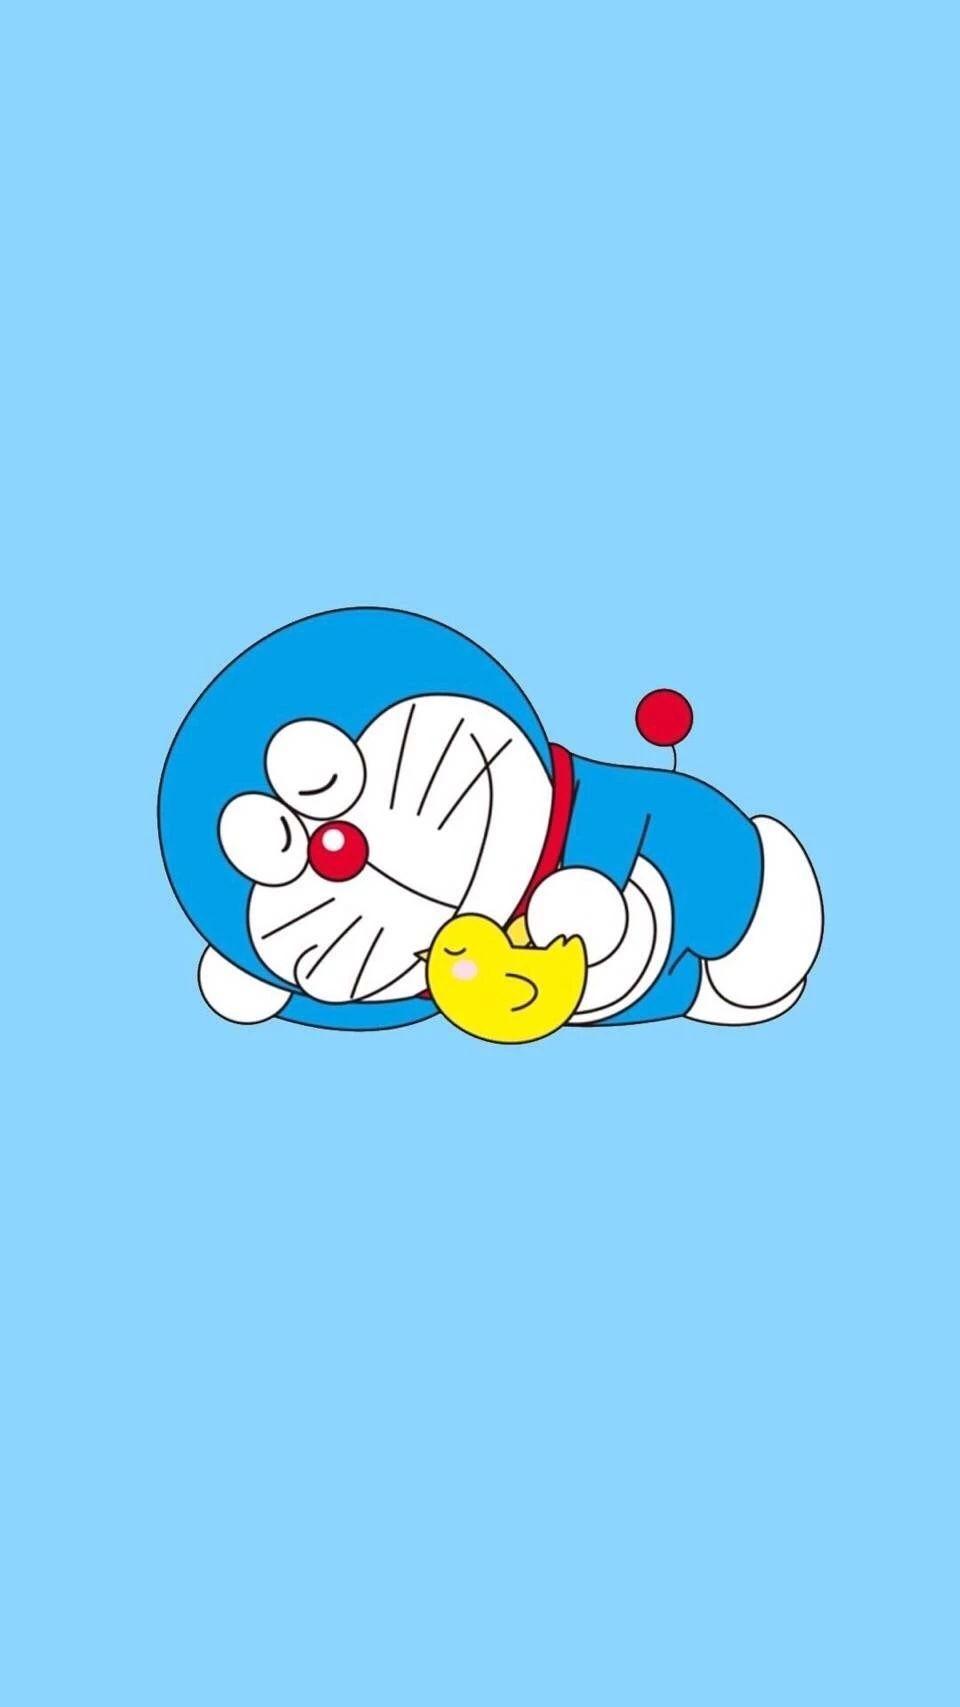 哆啦A梦壁纸:可爱哆啦A梦蓝胖子手机壁纸插图79